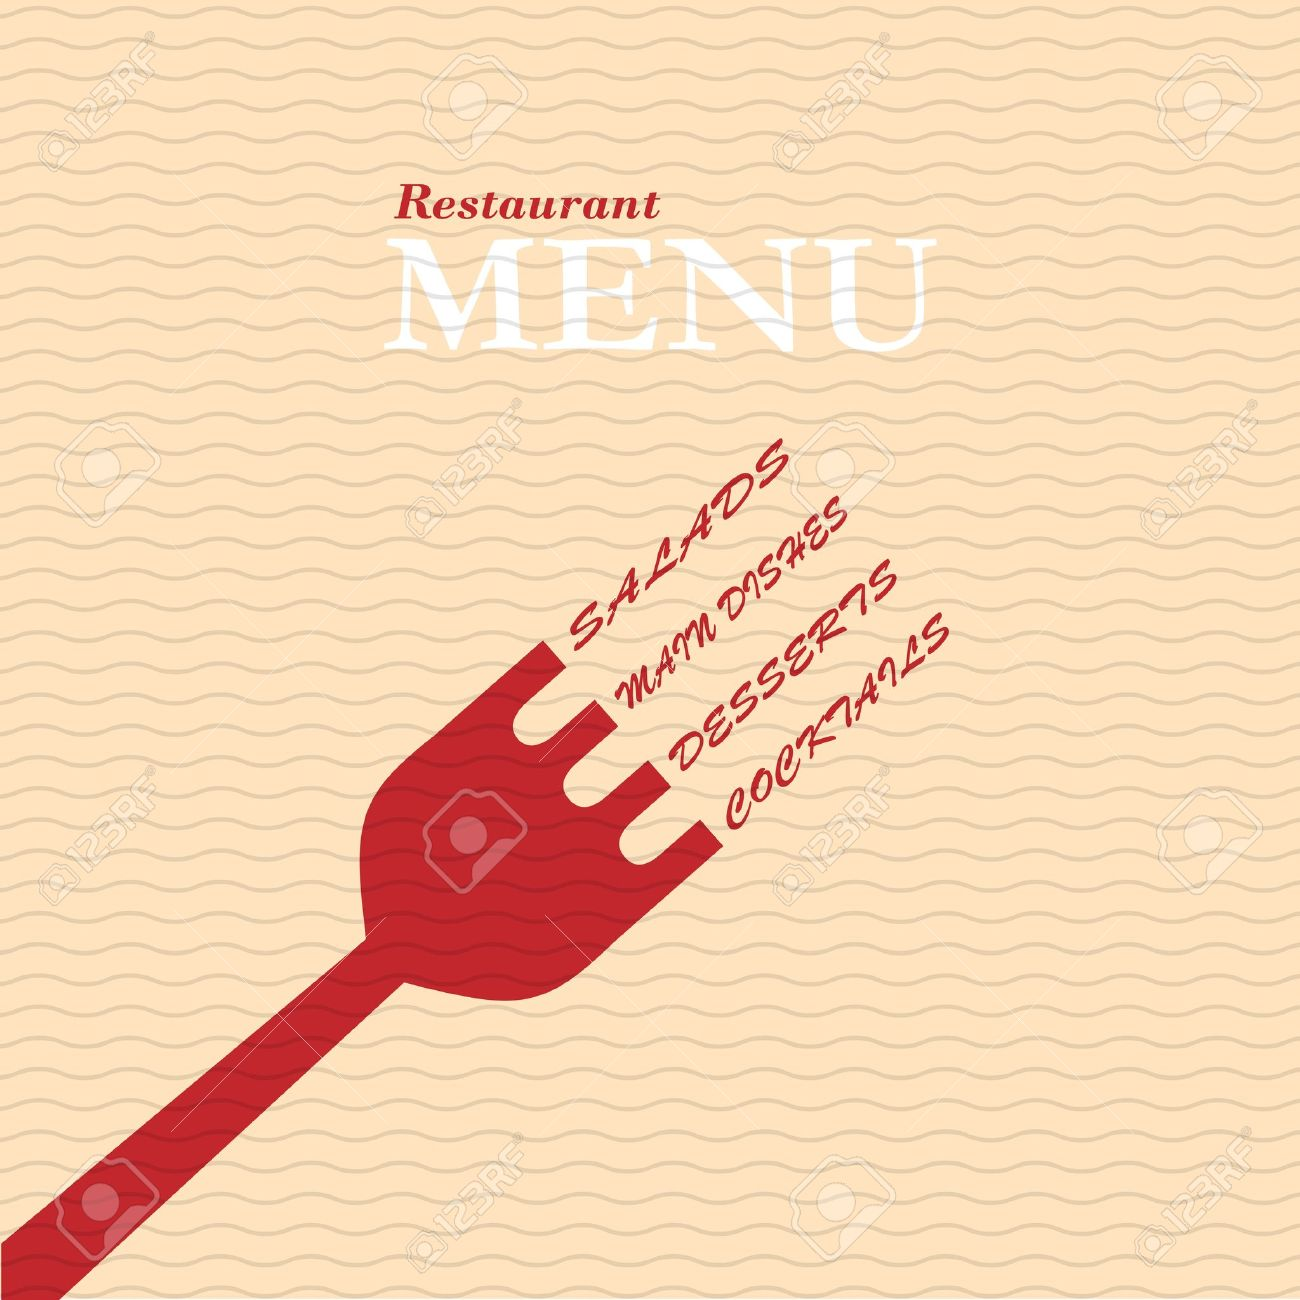 Restaurante Con Estilo Tarjeta De Menú. Vector De Plantilla ...